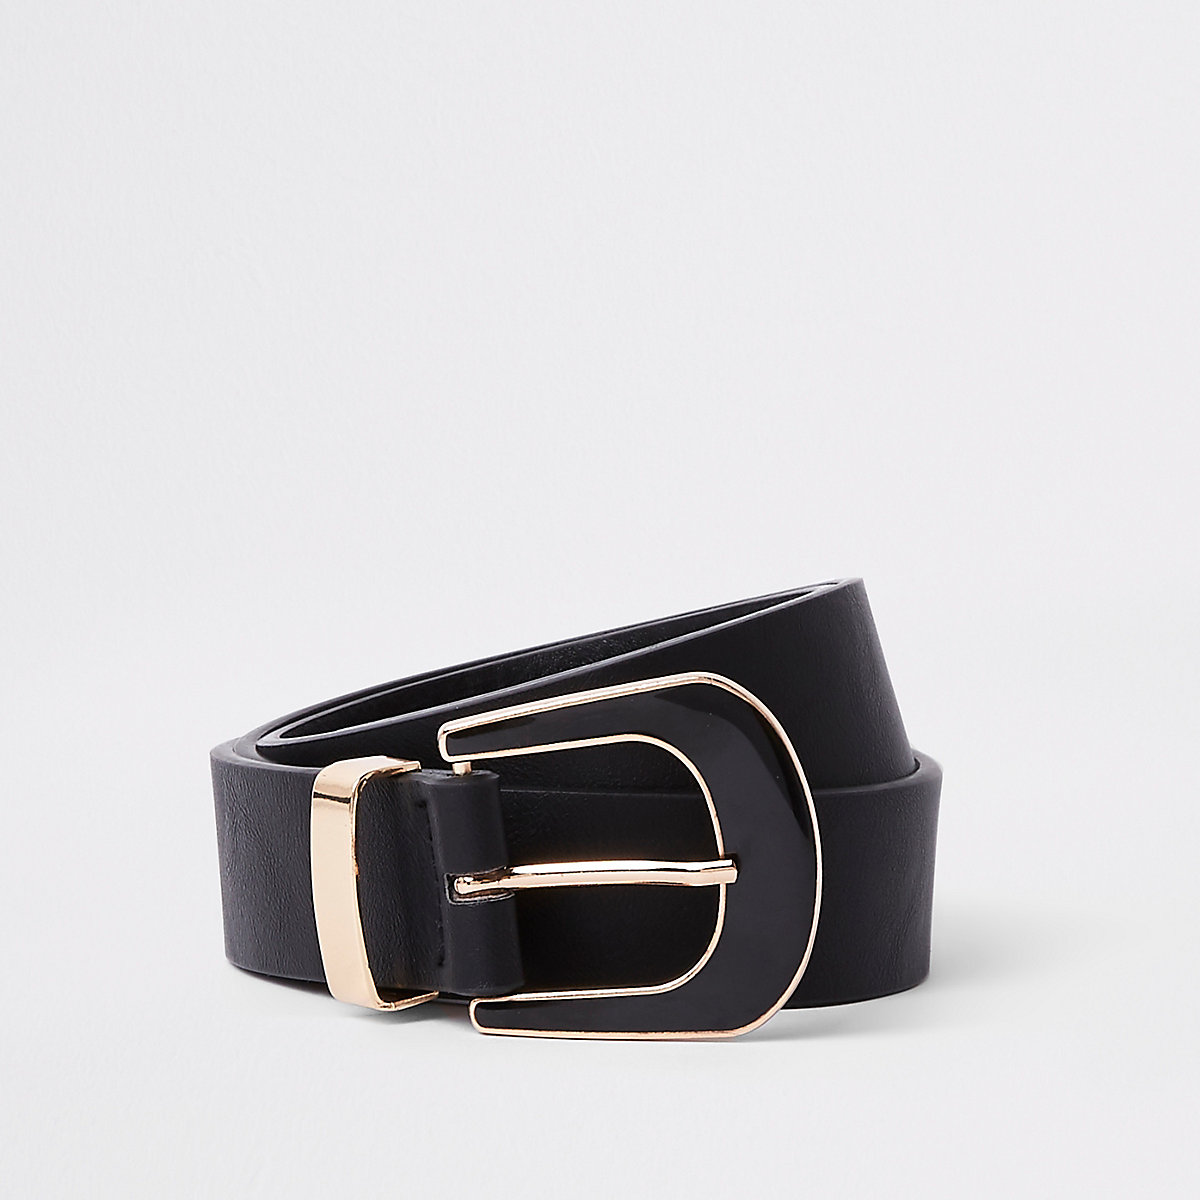 Black enamel buckle jeans belt